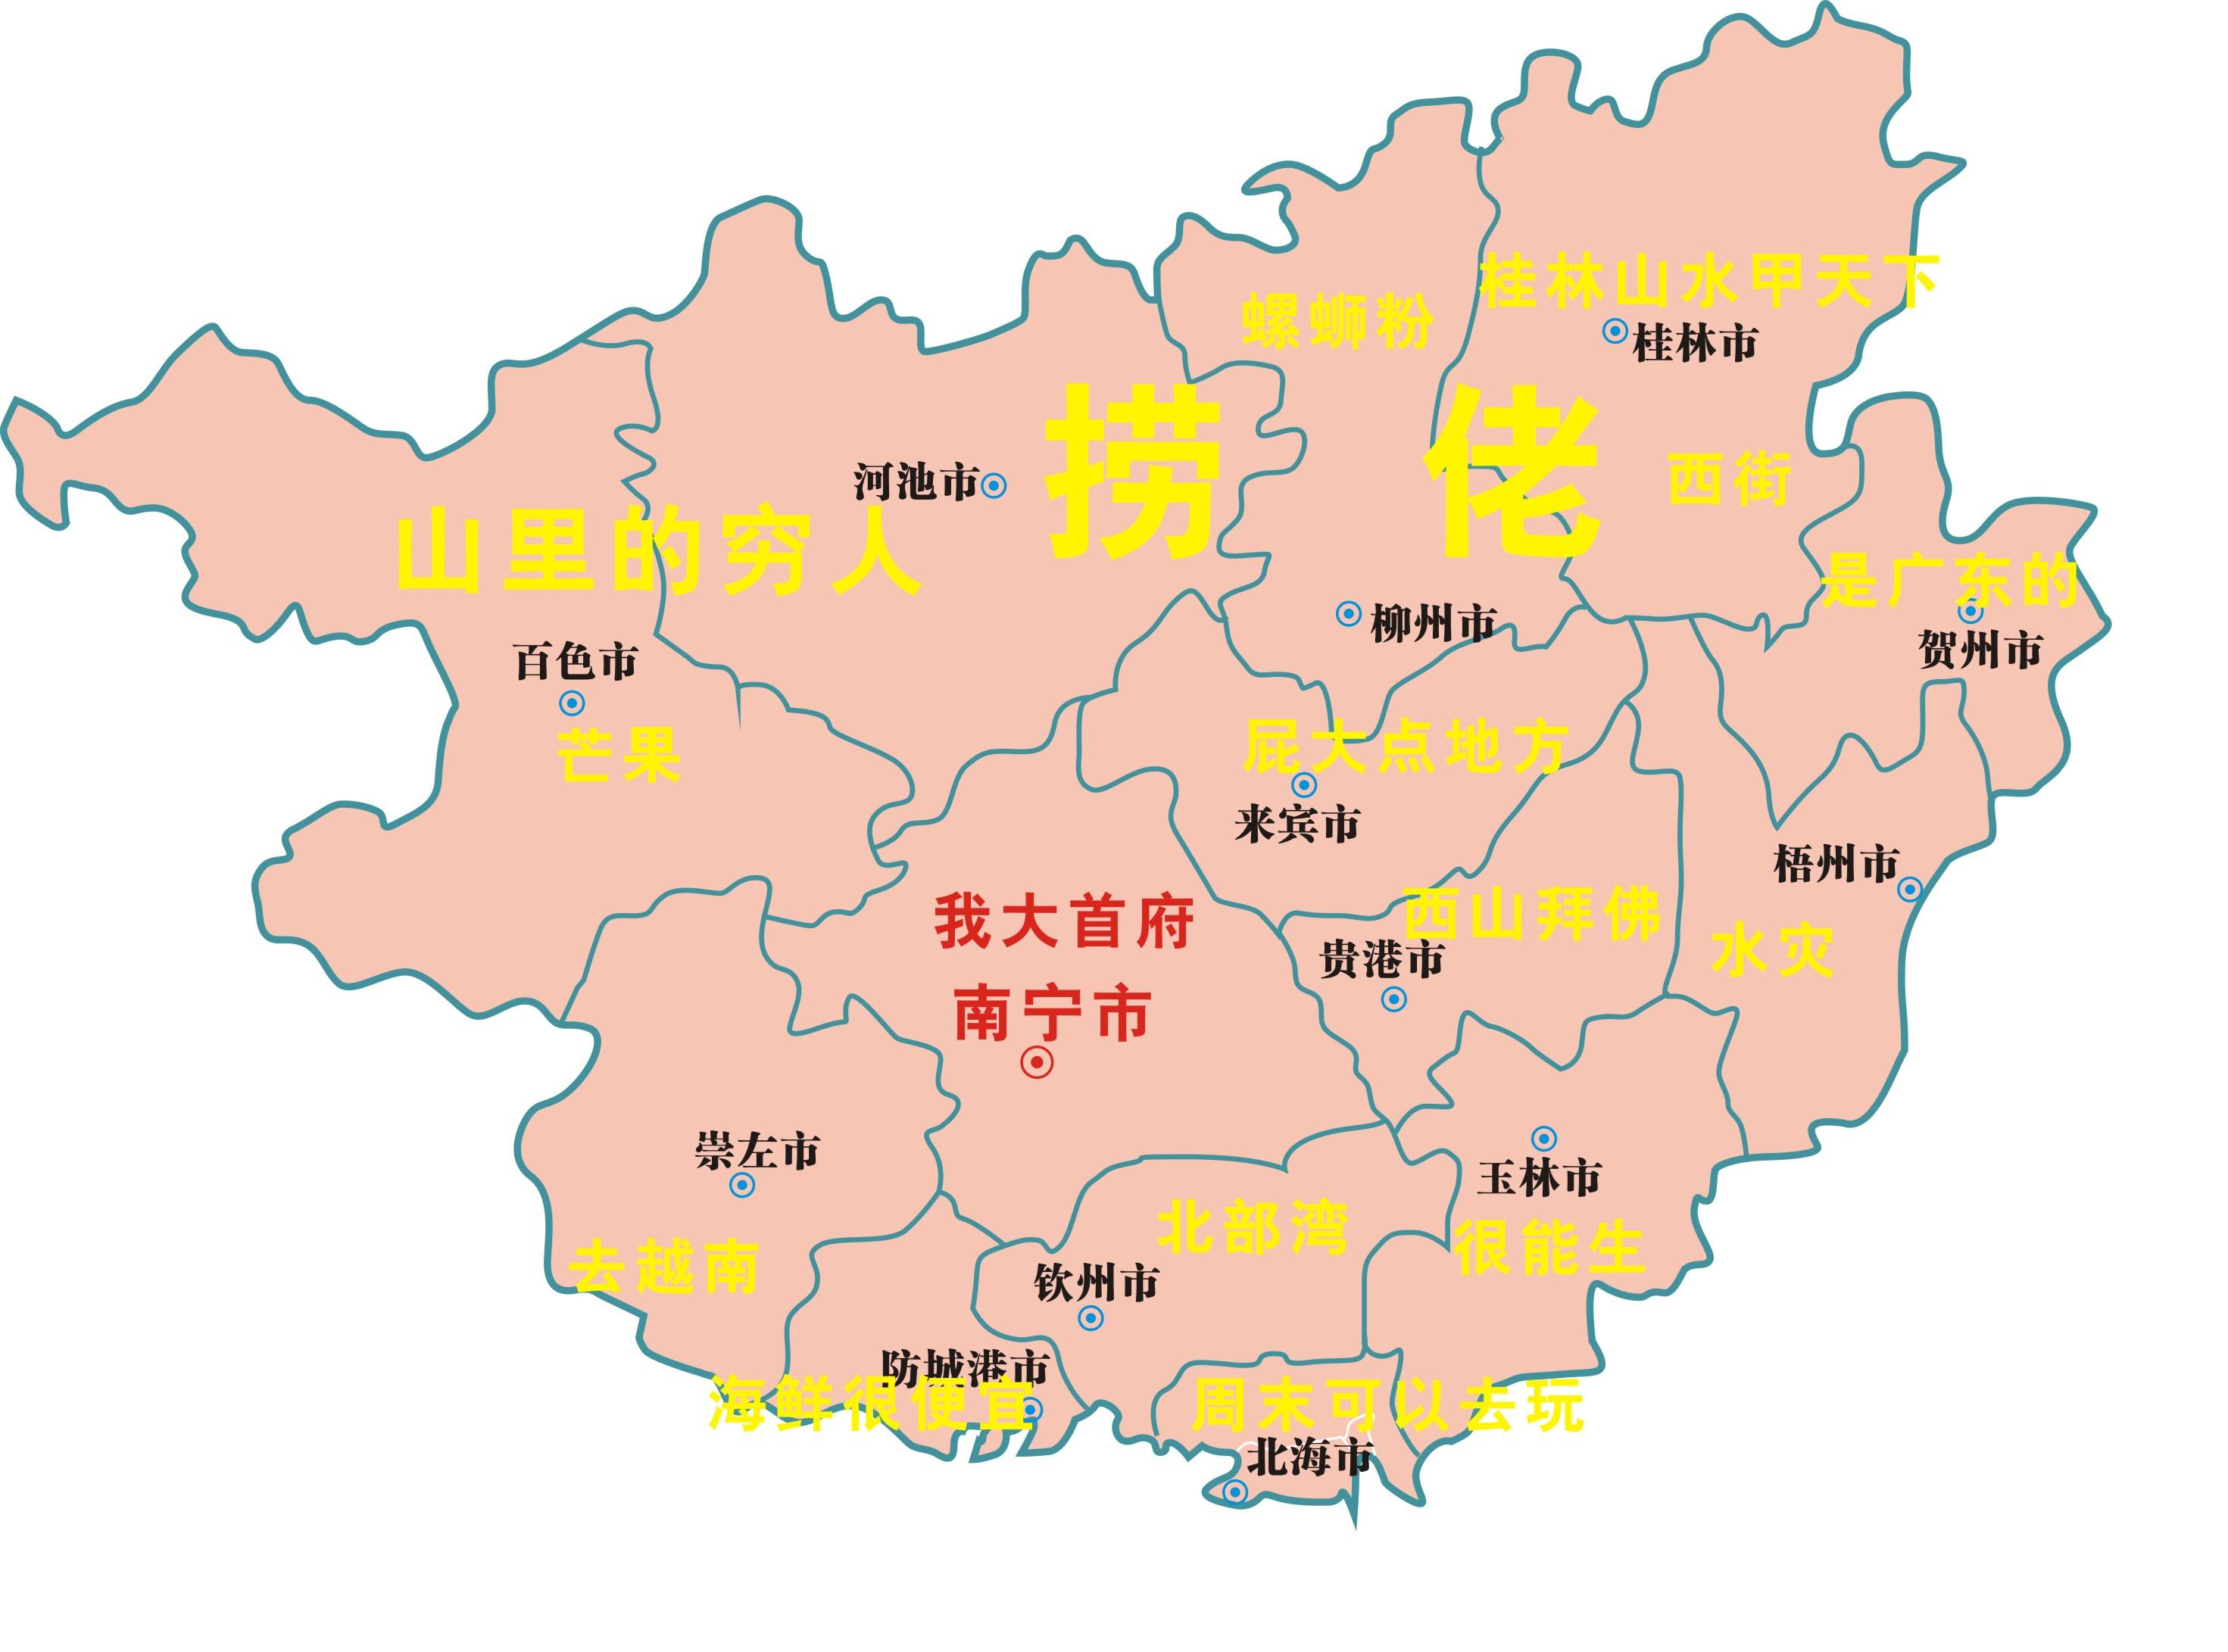 广西各地级市眼中的广西地图,各个城市差距很大